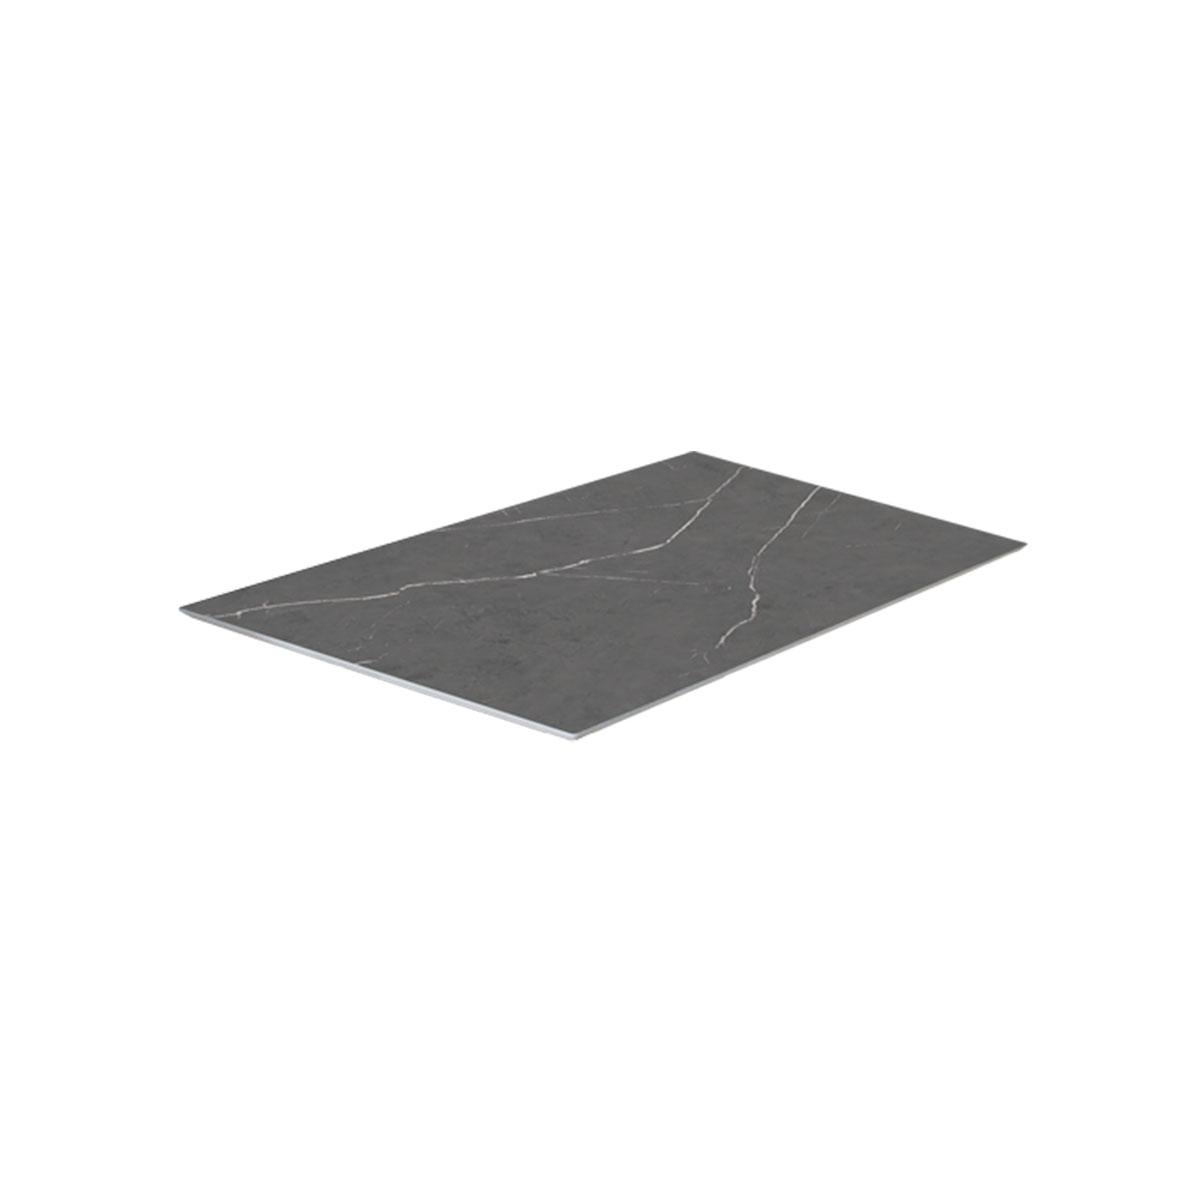 Vanity Top 12mm - Pietra Grey - Shark Nose